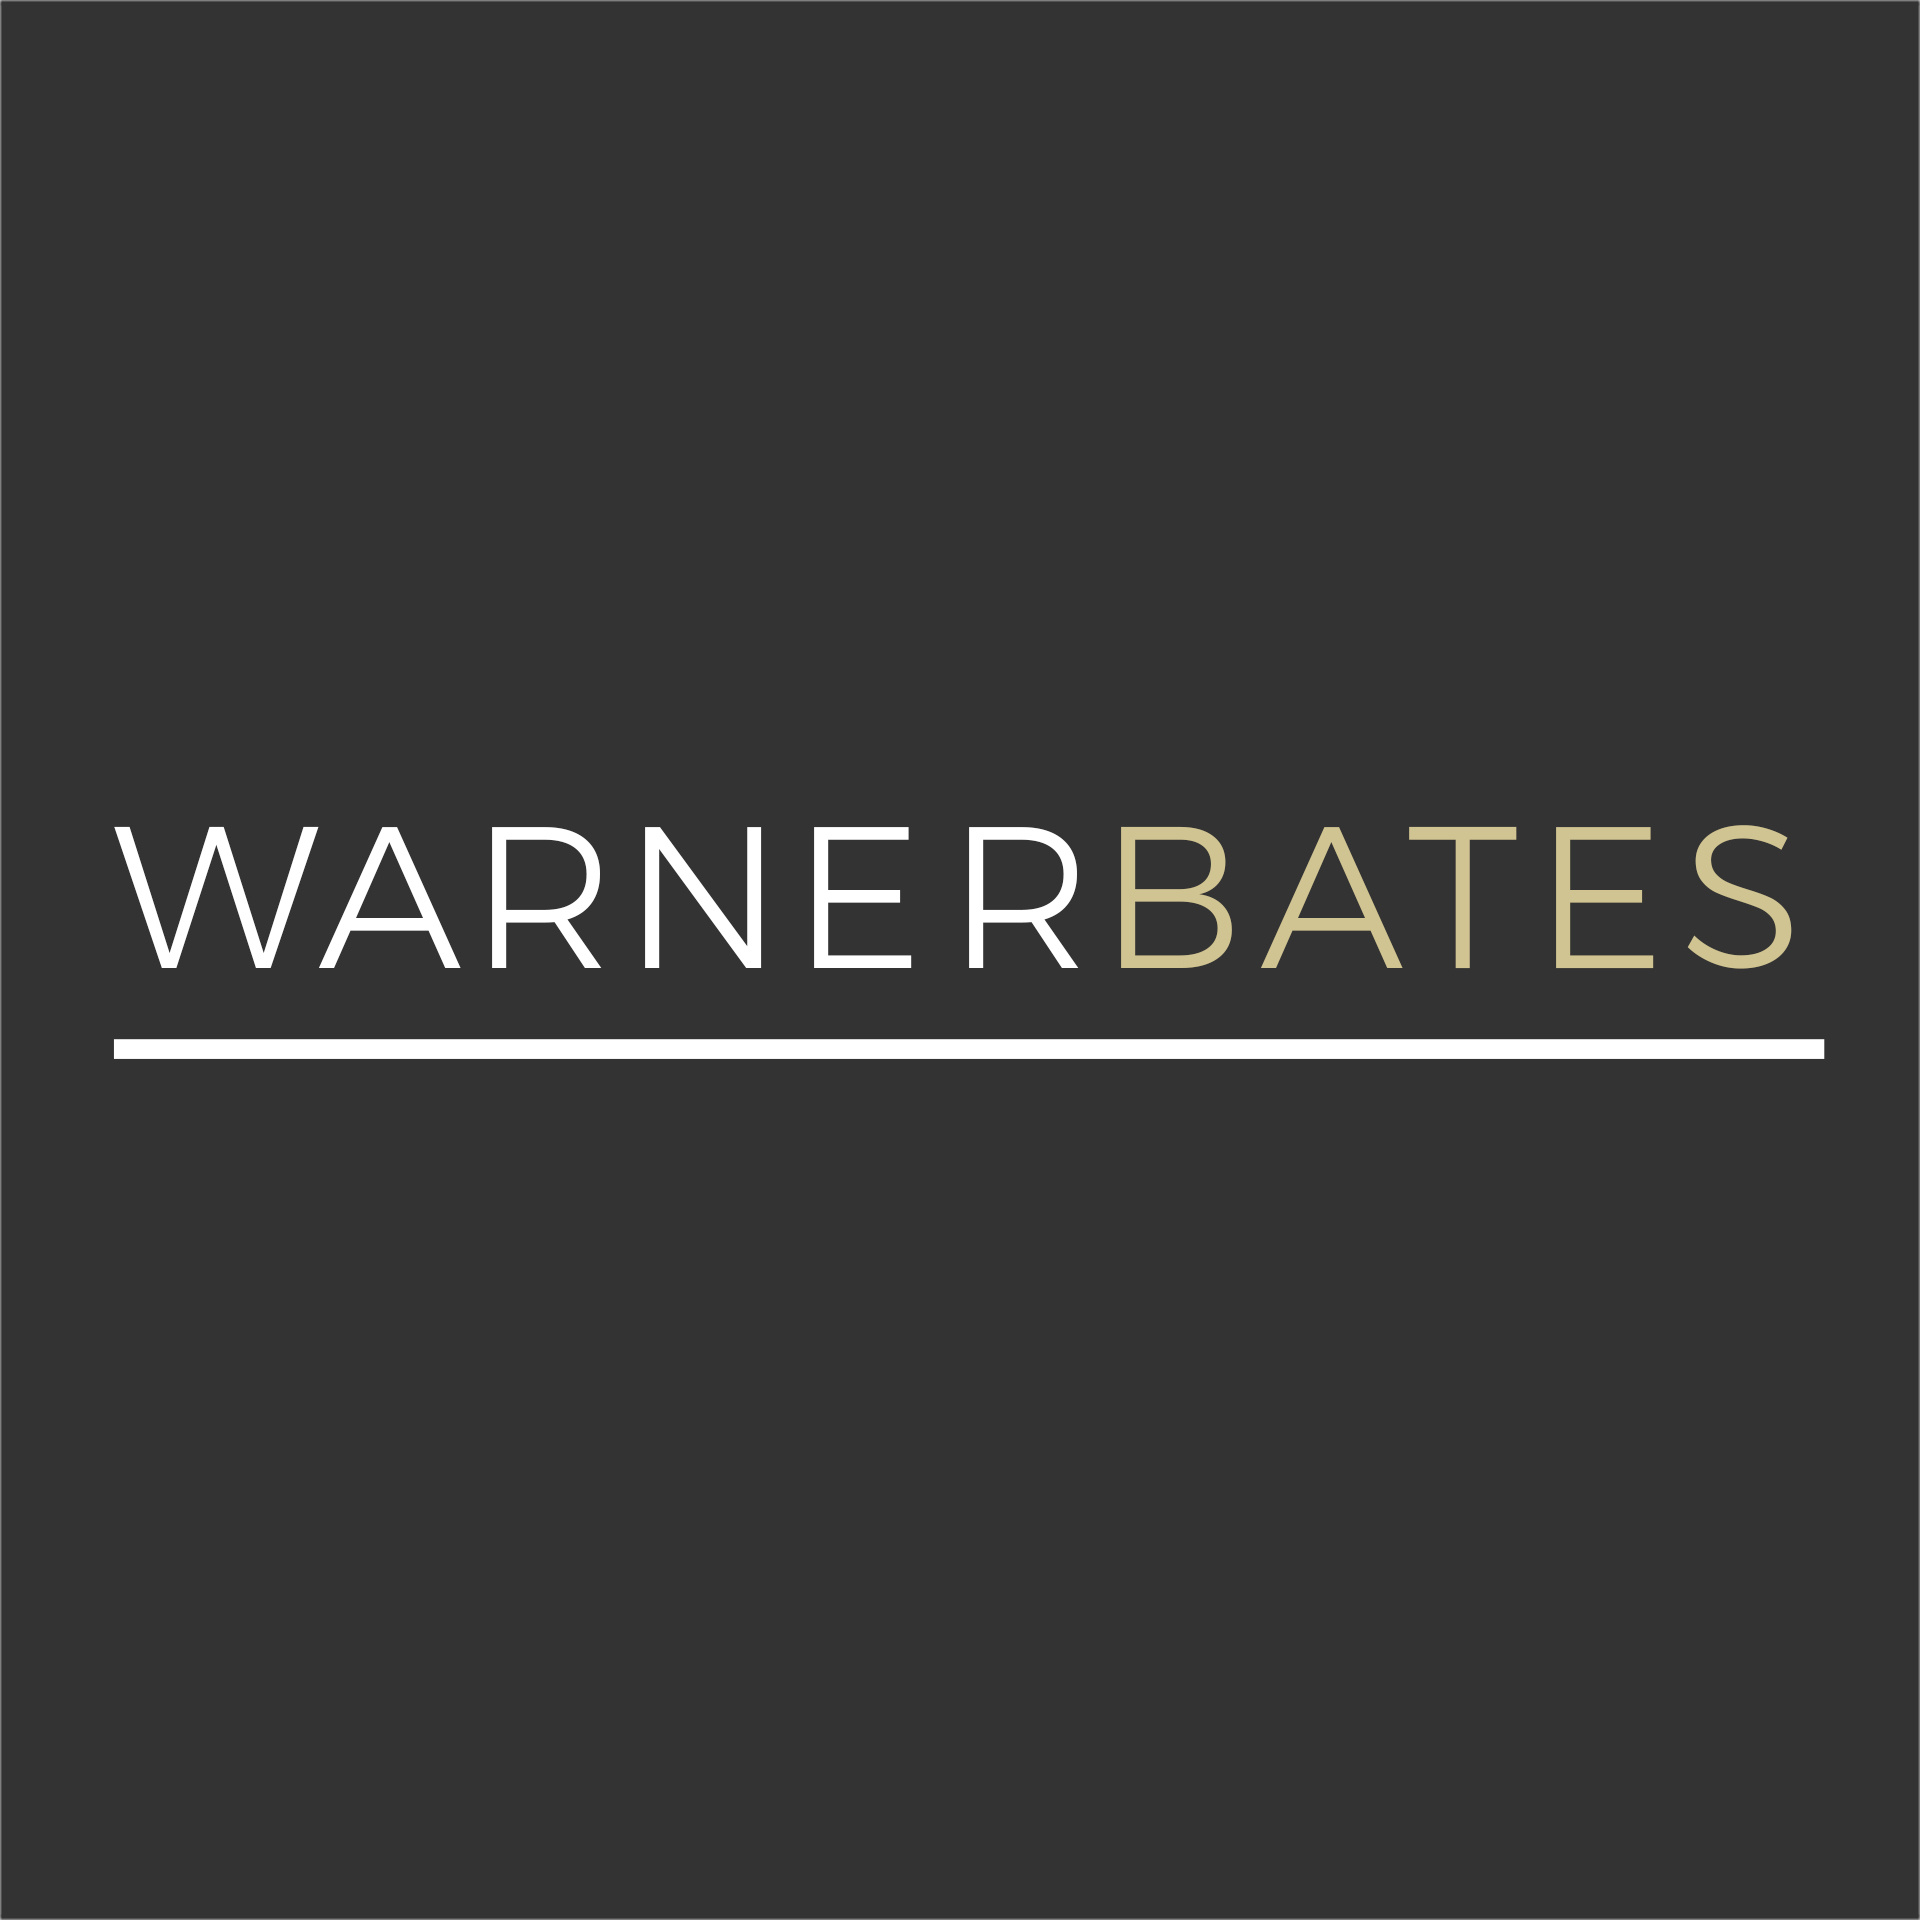 Warner Bates